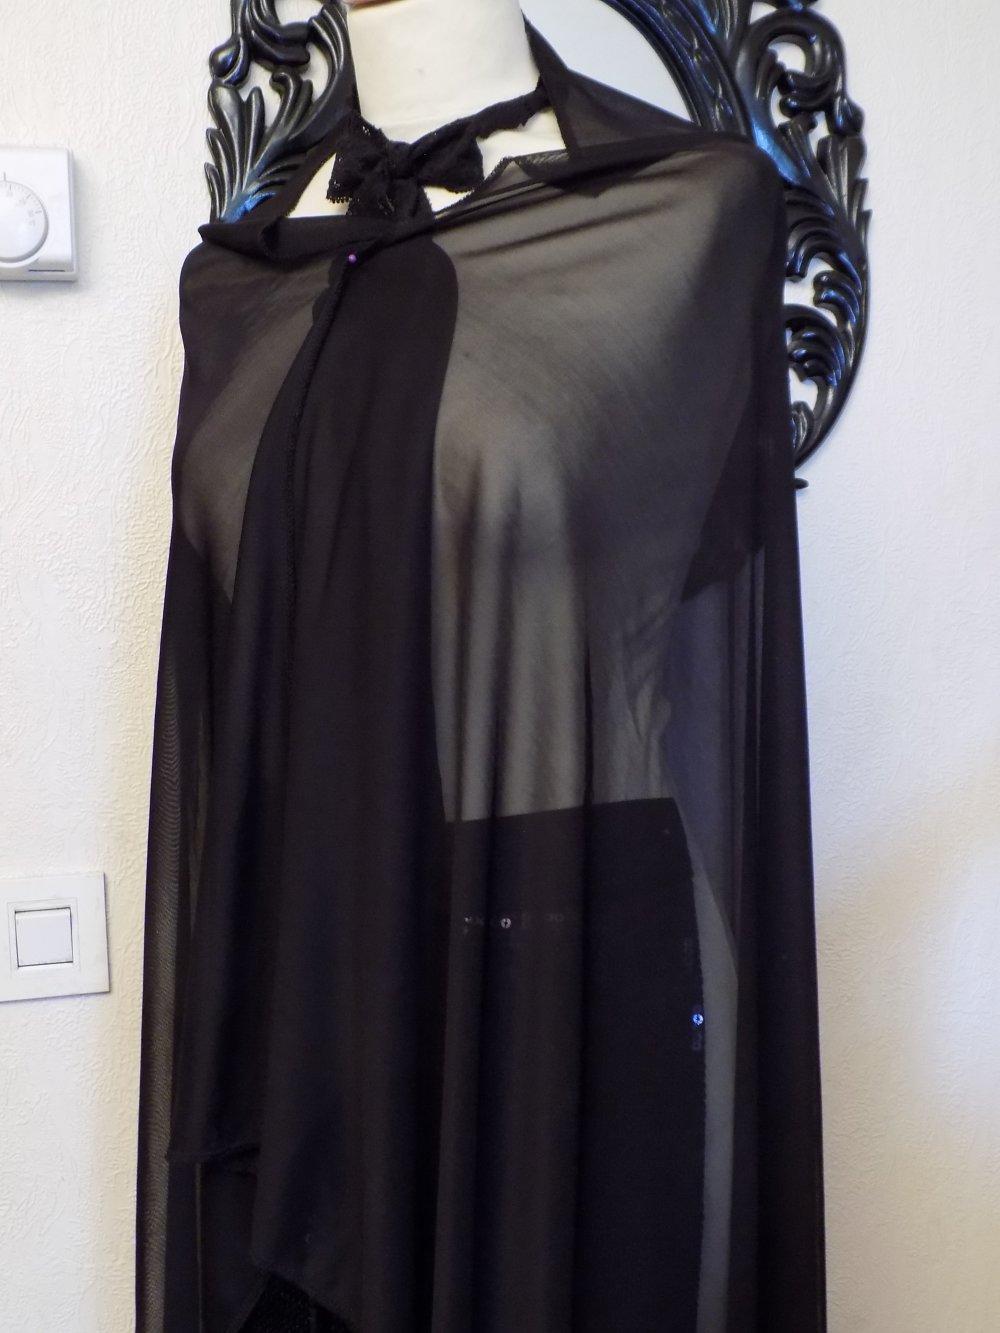 Étole de mariage,en tissu de résille,de couleur noir,écharpe femme